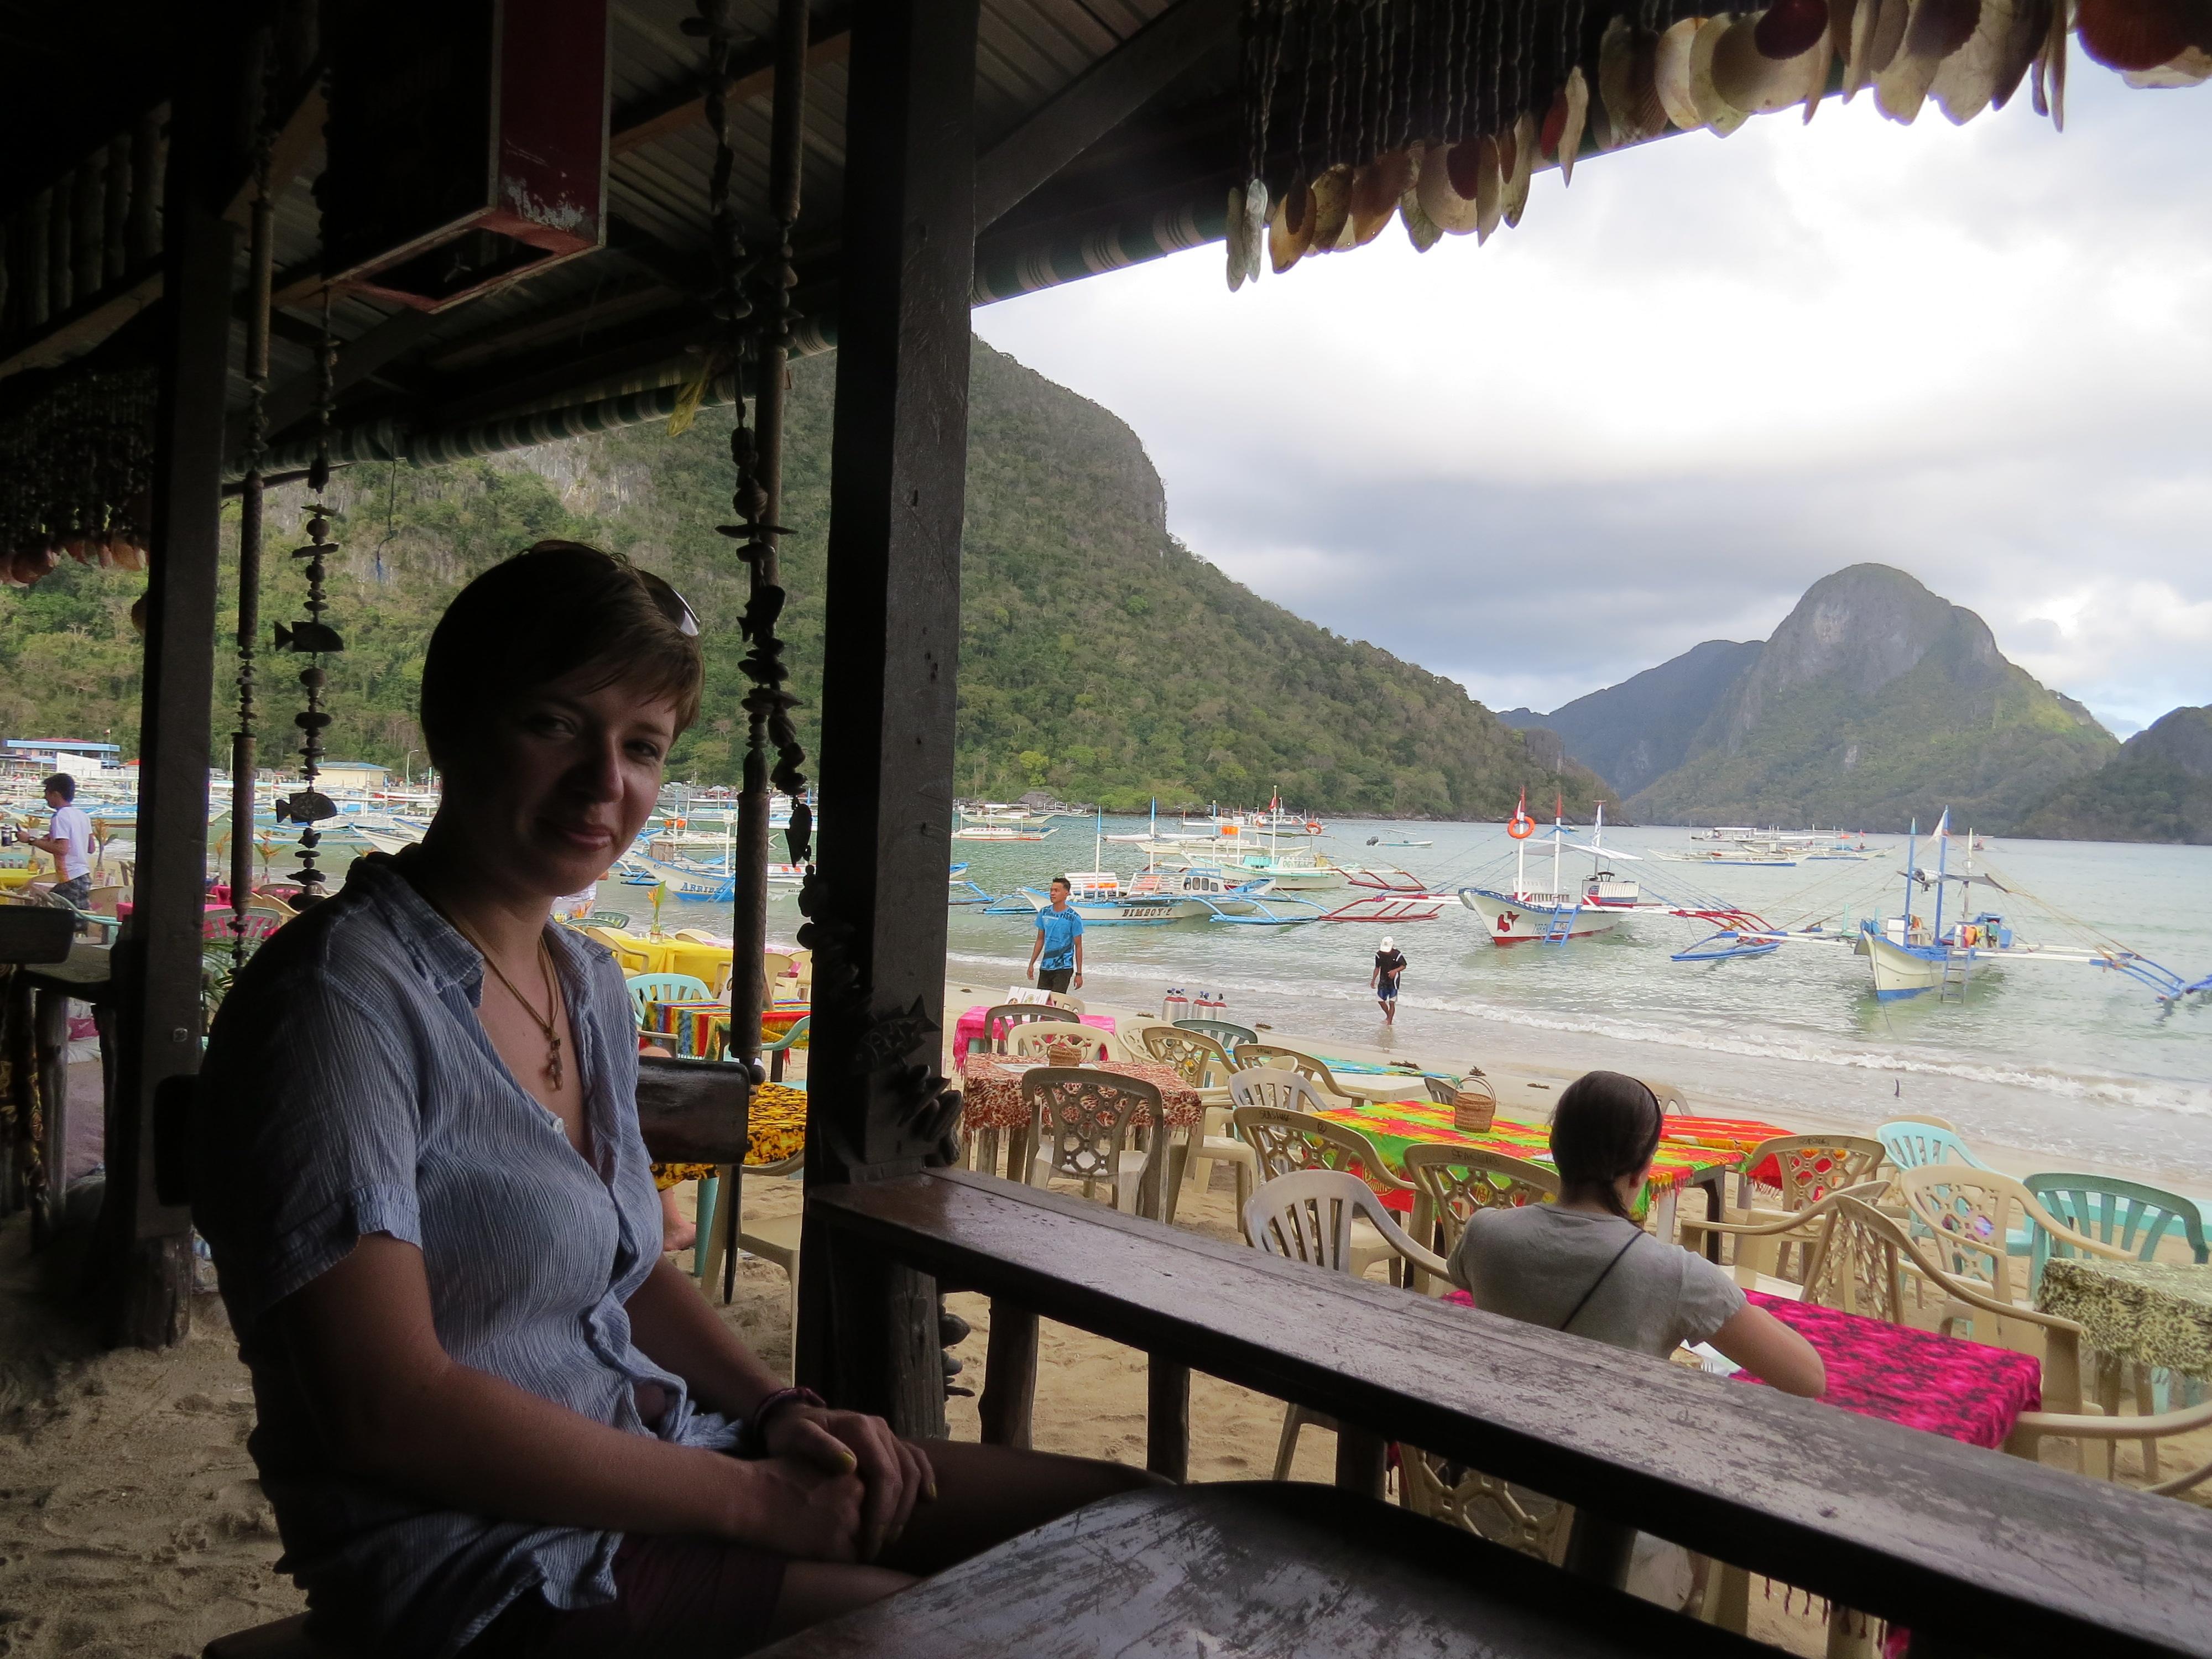 Śniadanie w knajpce na plaży  przed wycieczka po wyspach